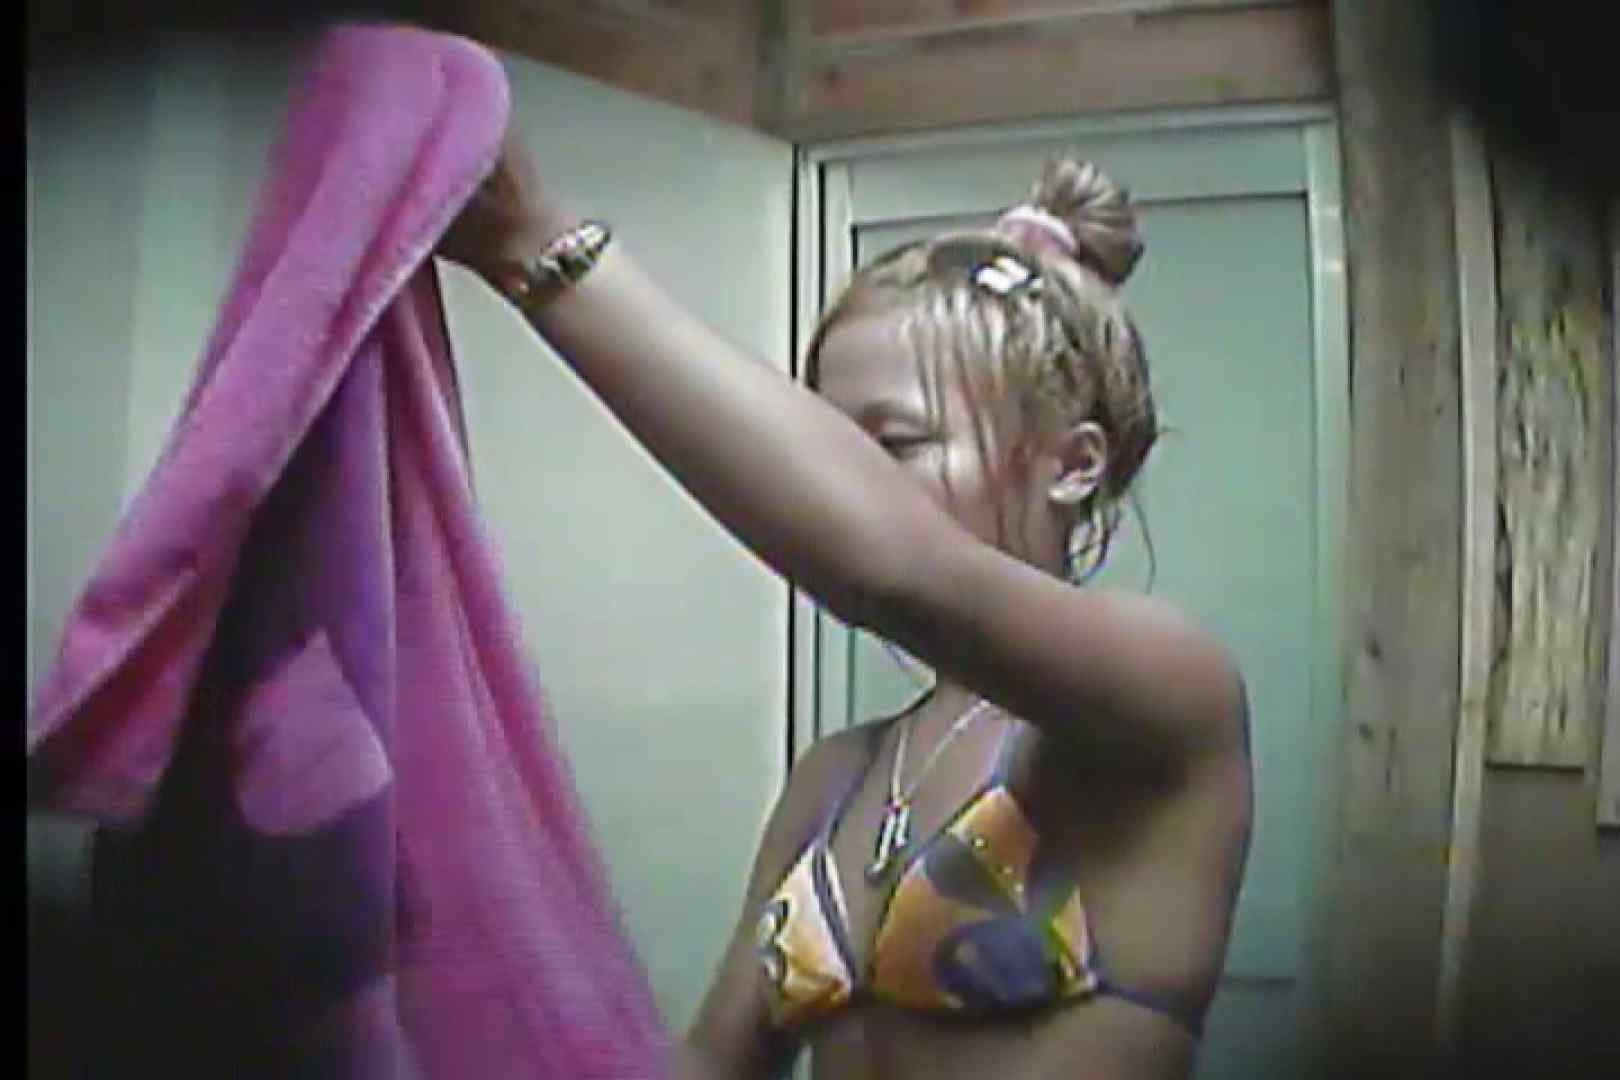 海の家の更衣室 Vol.20 シャワー室 オメコ動画キャプチャ 100画像 13